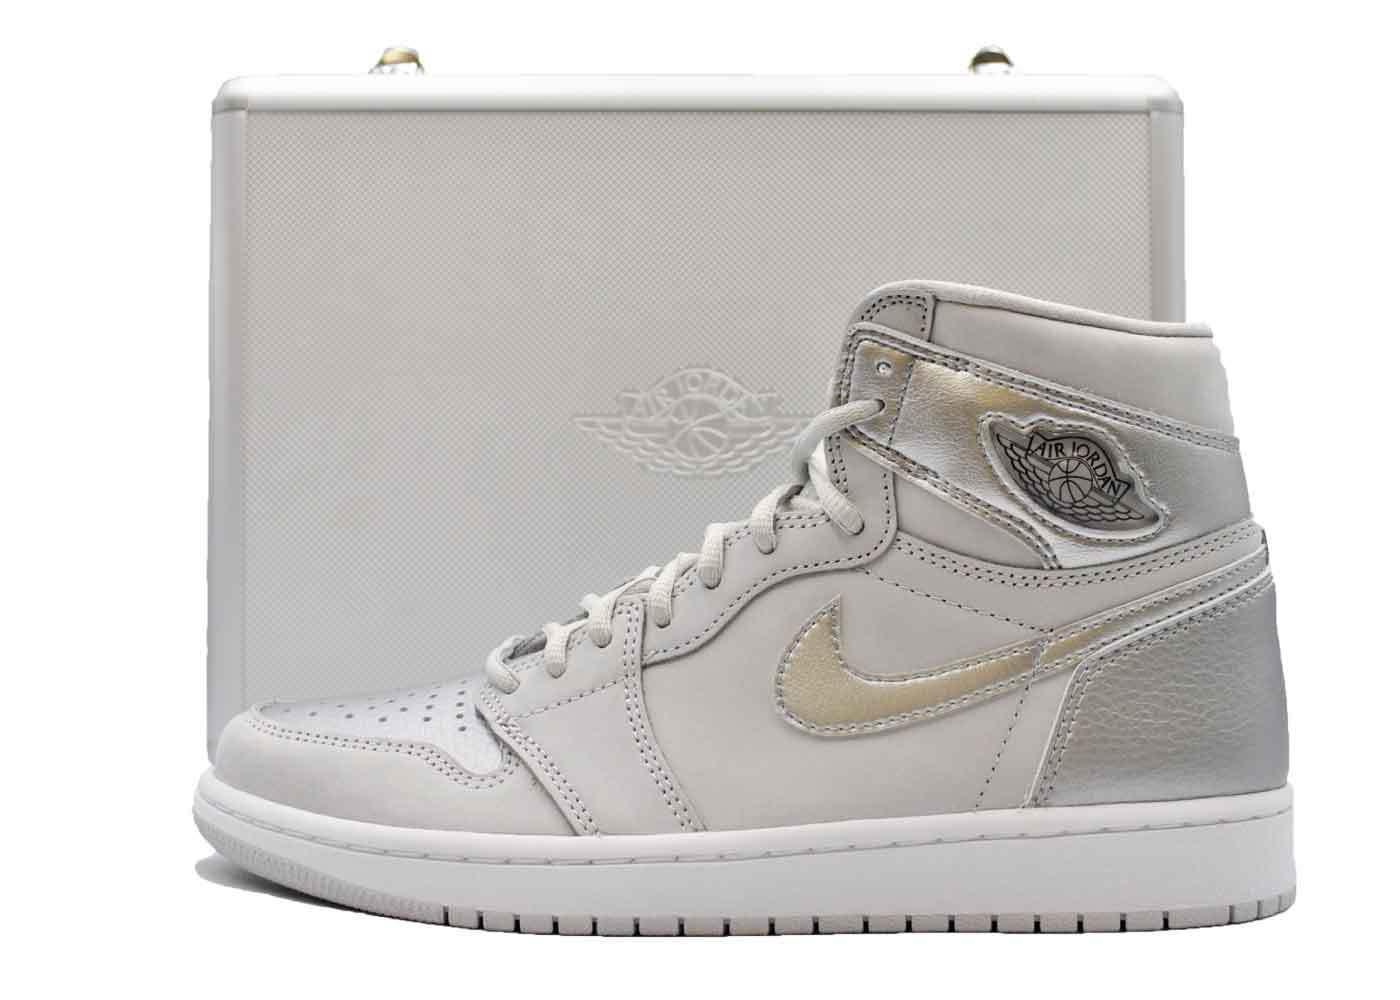 Nike Air Jordan 1 High OG CO.JP Japan Grey With Duralumin Caseの写真